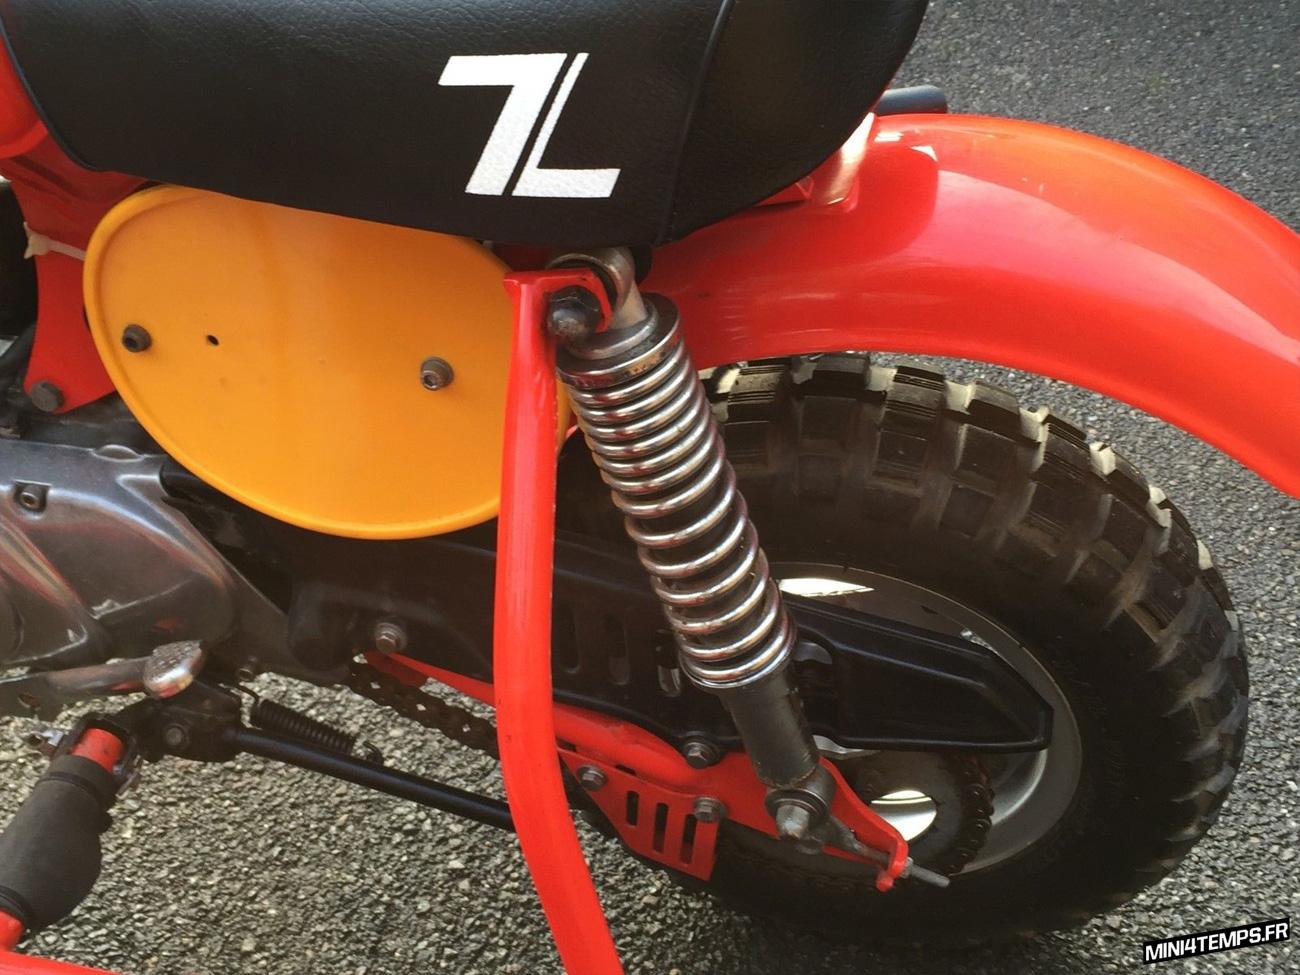 Le Honda Monkey Z50R Side Car de MetricMotorcycles - mini4temps.fr